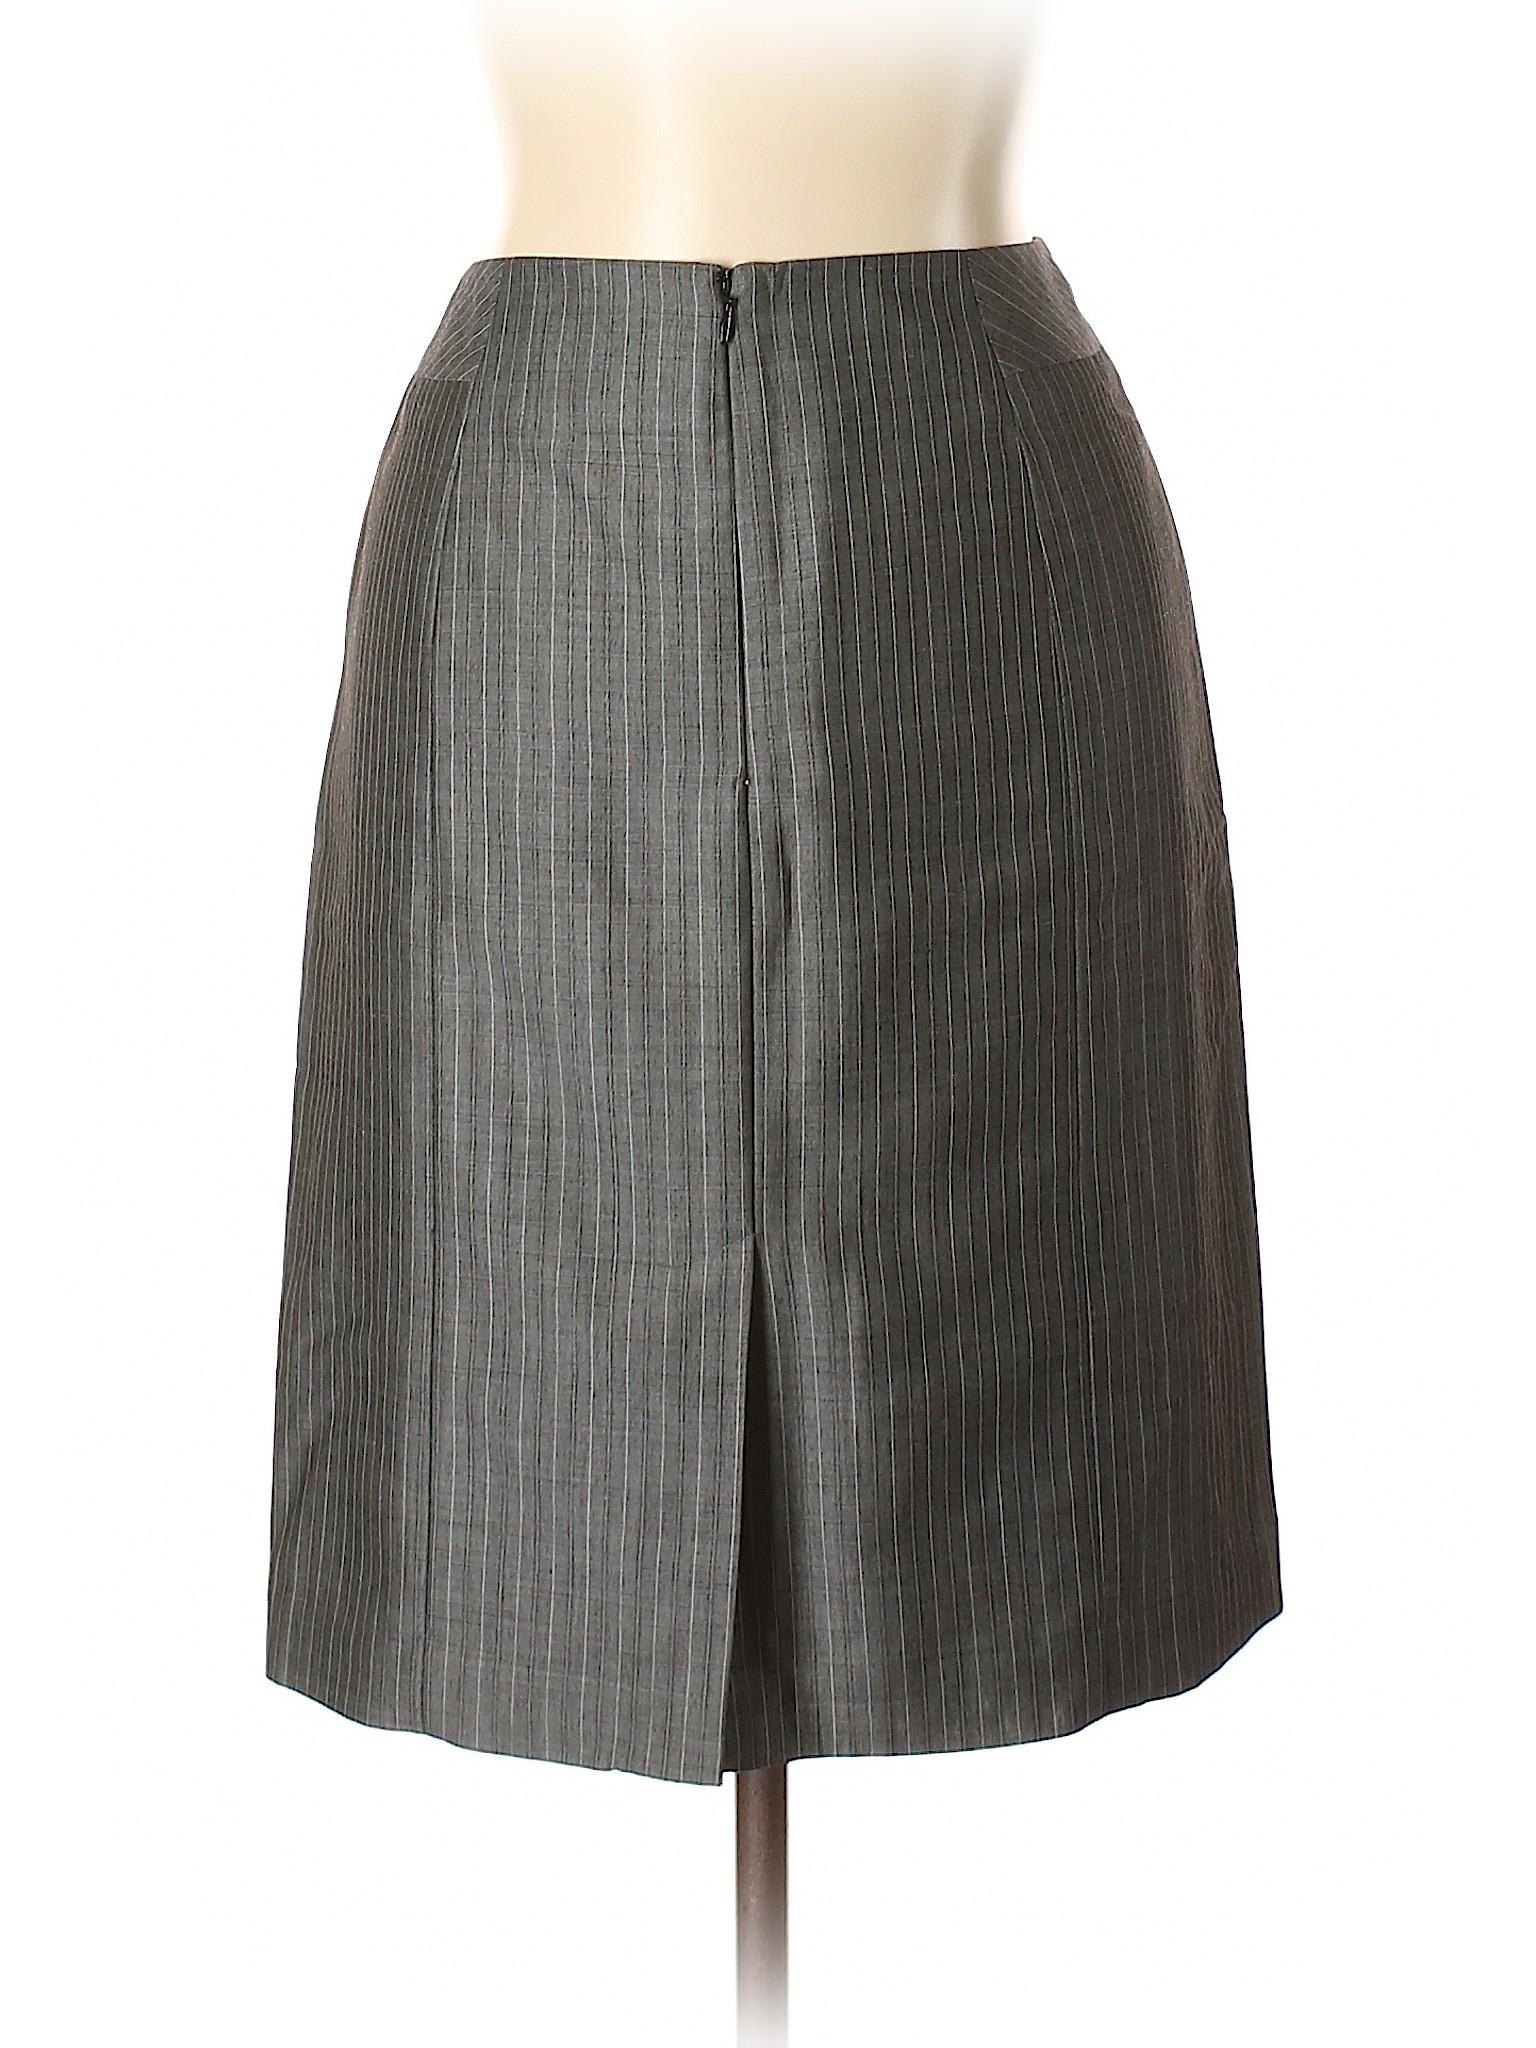 leisure Taylor Skirt Boutique Ann Casual LOFT AwqUxpx6d